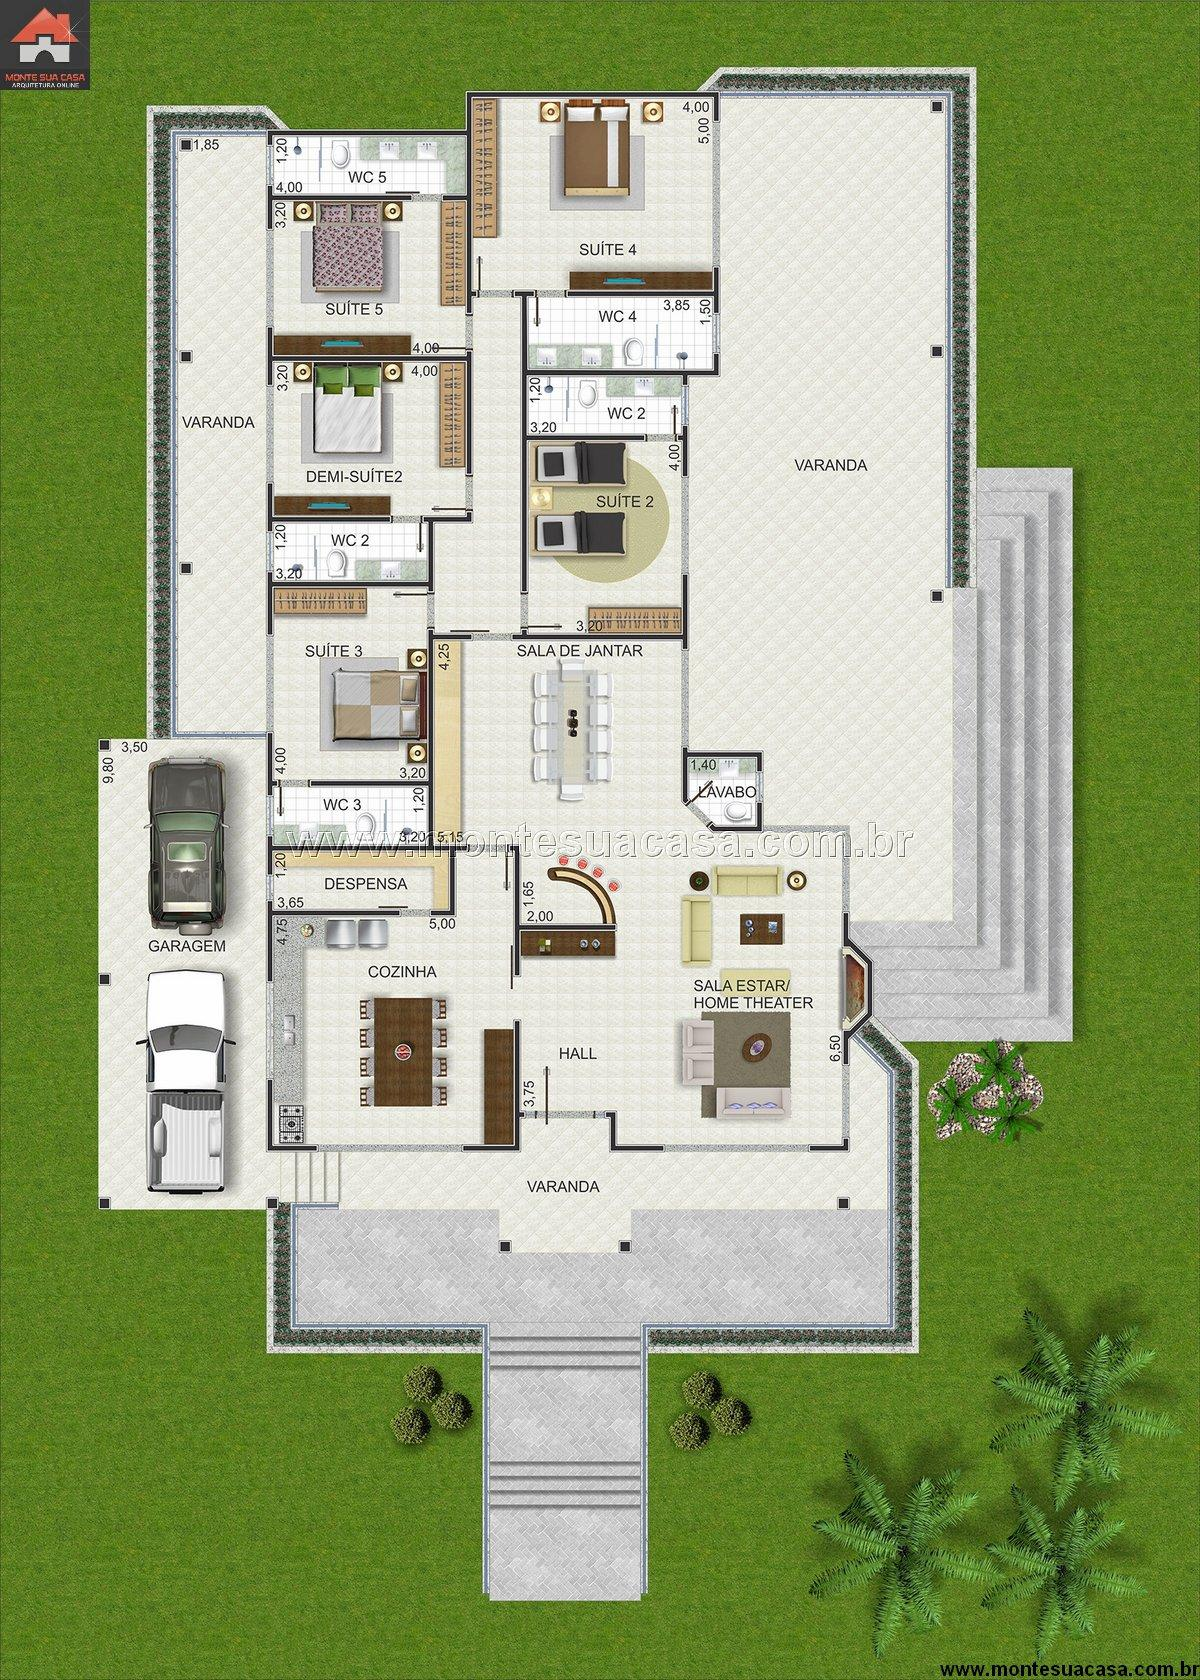 Casa 0 Quartos - 219.73m²